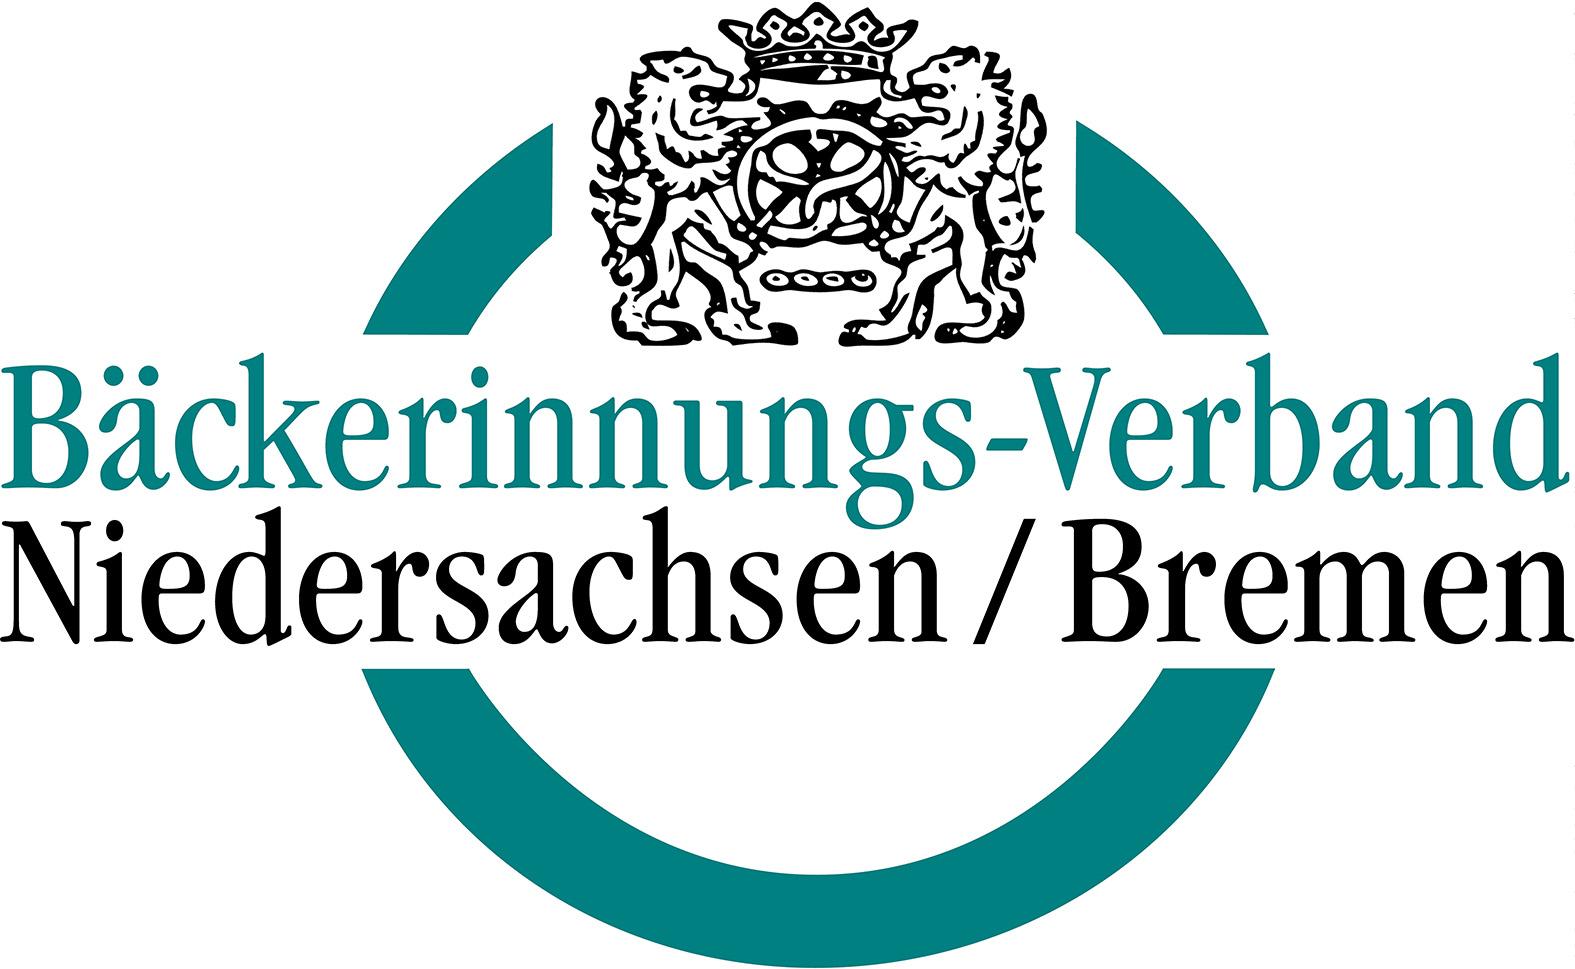 PM-Niedersächsisches Bäckerhandwerk begrüßt Ankündigung der Politik zur Öffnung von Gastronomie